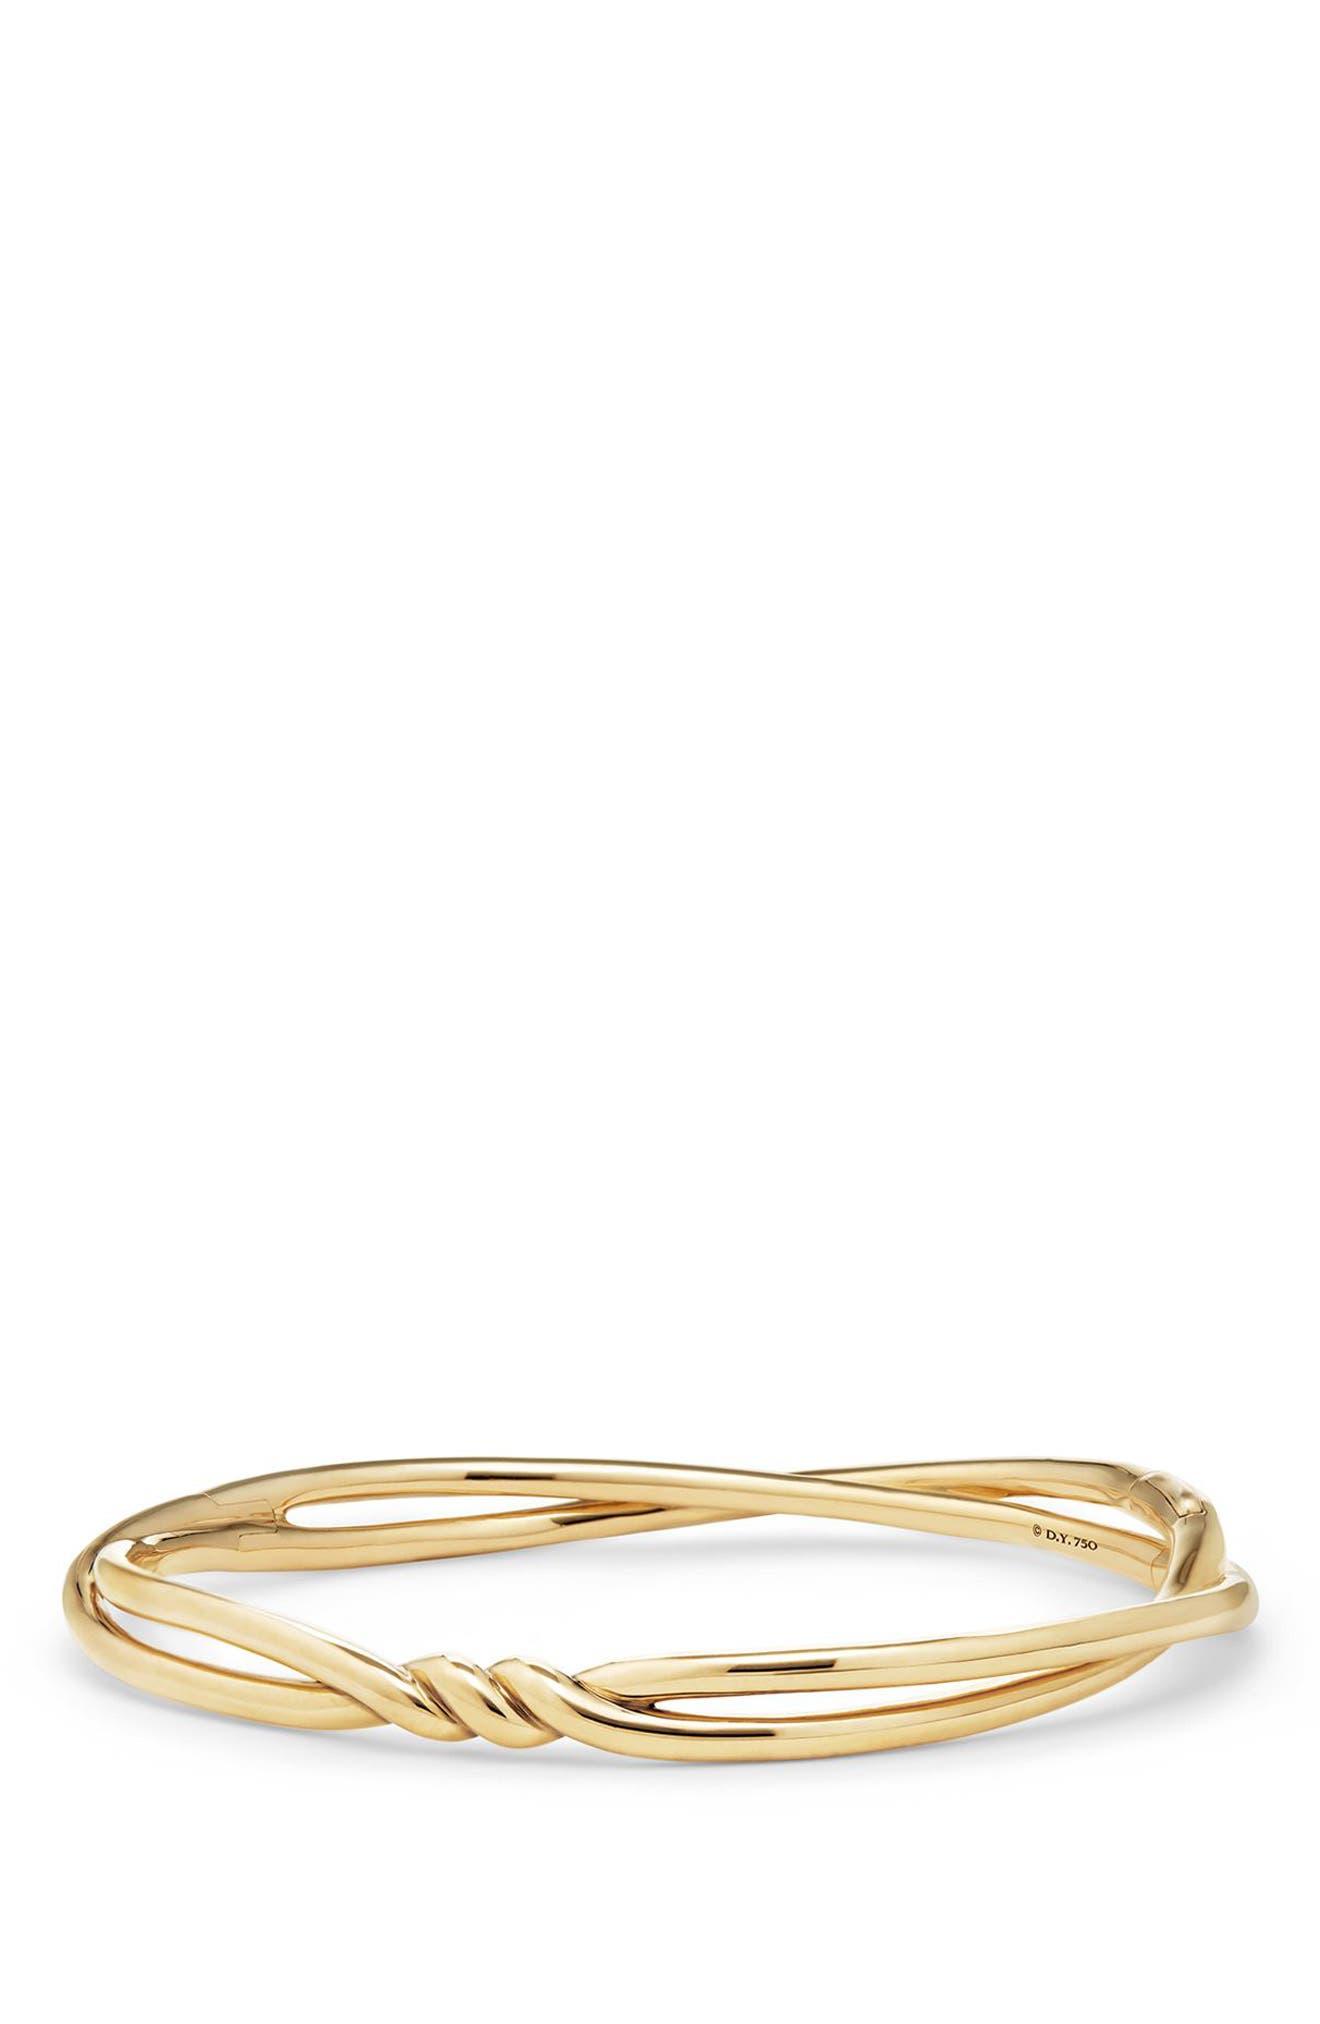 Continuance Center Twist Bracelet,                             Main thumbnail 1, color,                             YELLOW GOLD